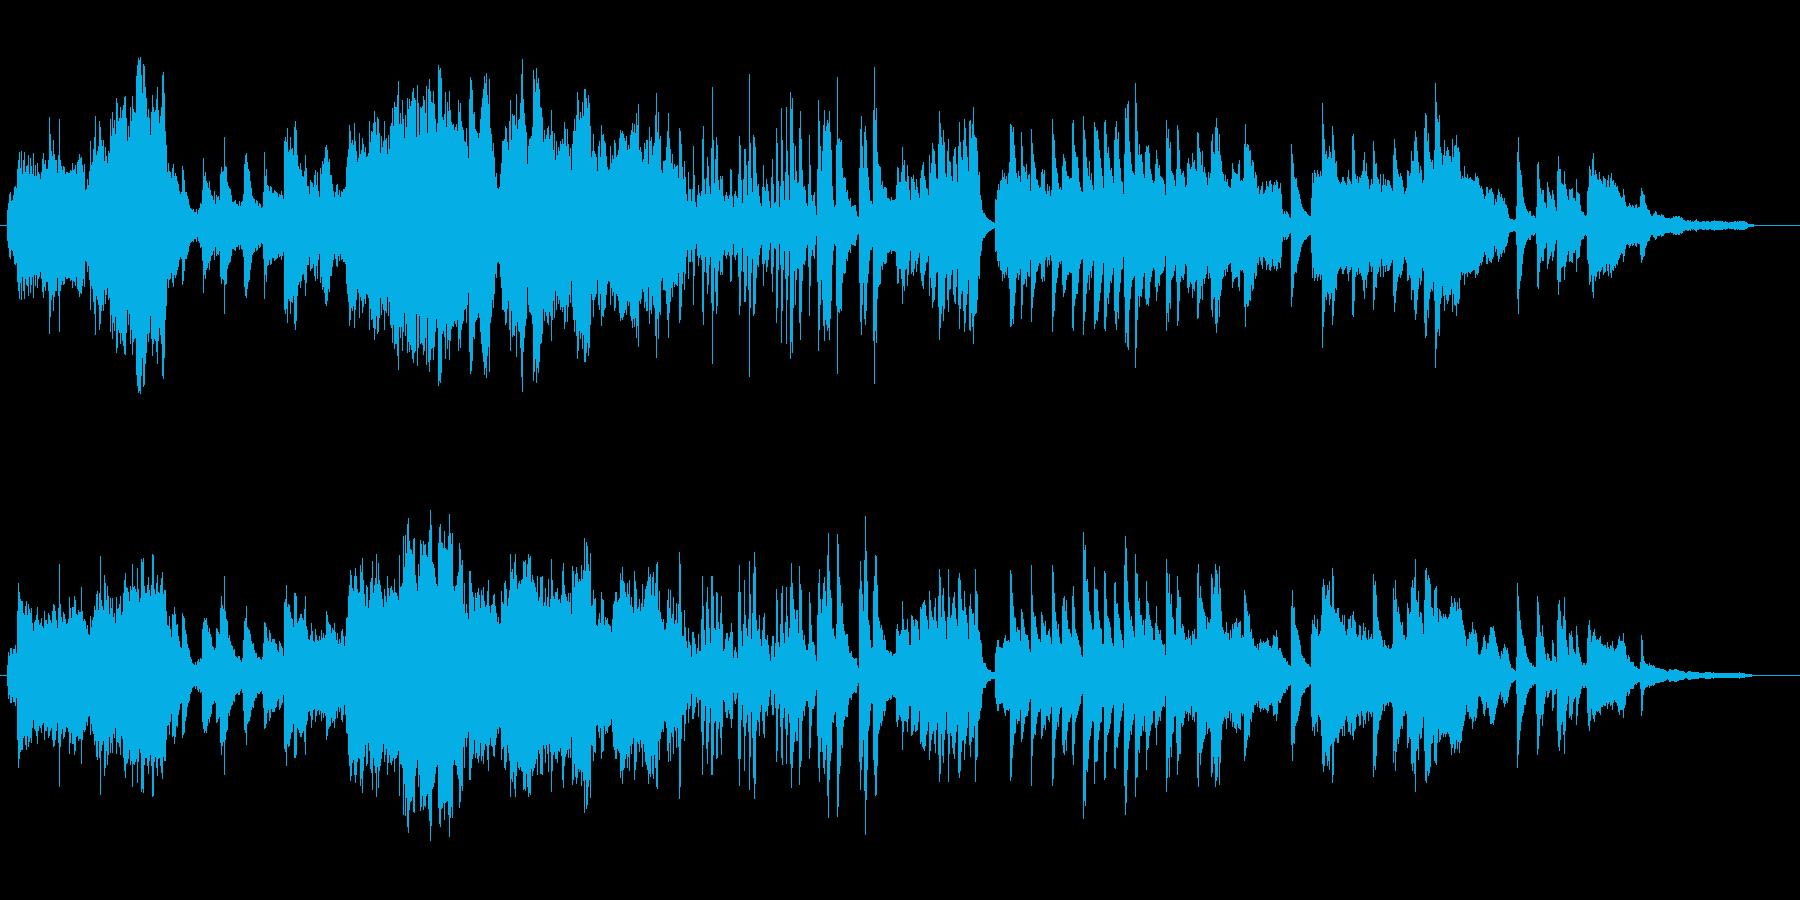 ベートーベン悲愴 ピアノコンチェルト風の再生済みの波形